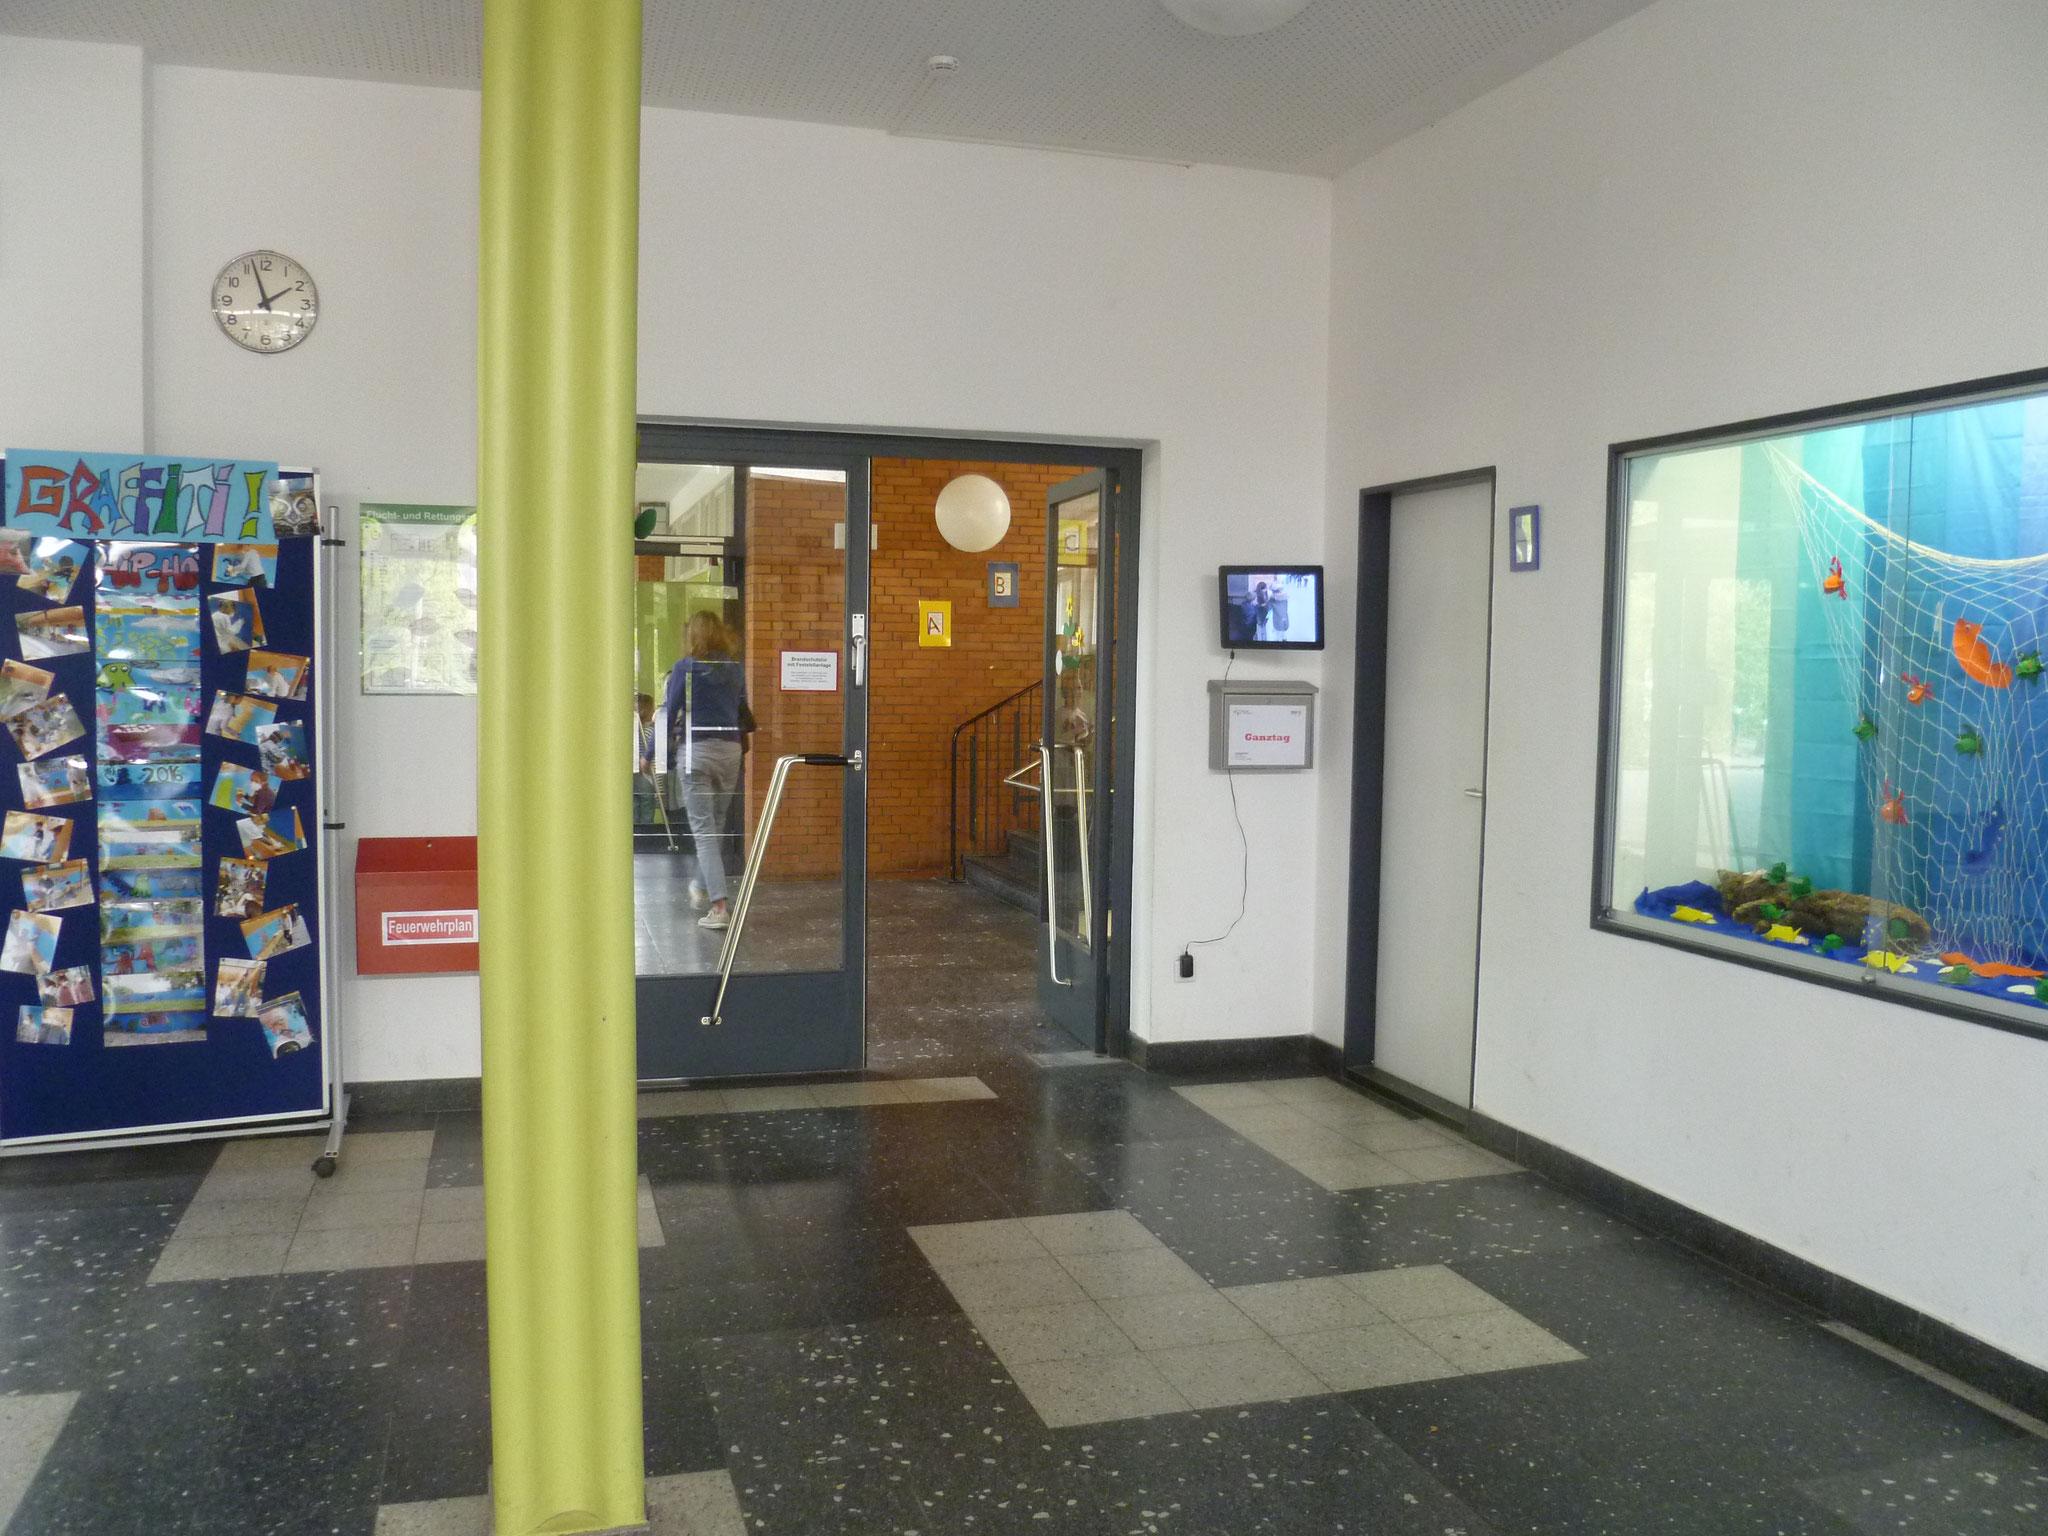 In der Eingangshalle ist eine große Tür, dort geht es weiter ...